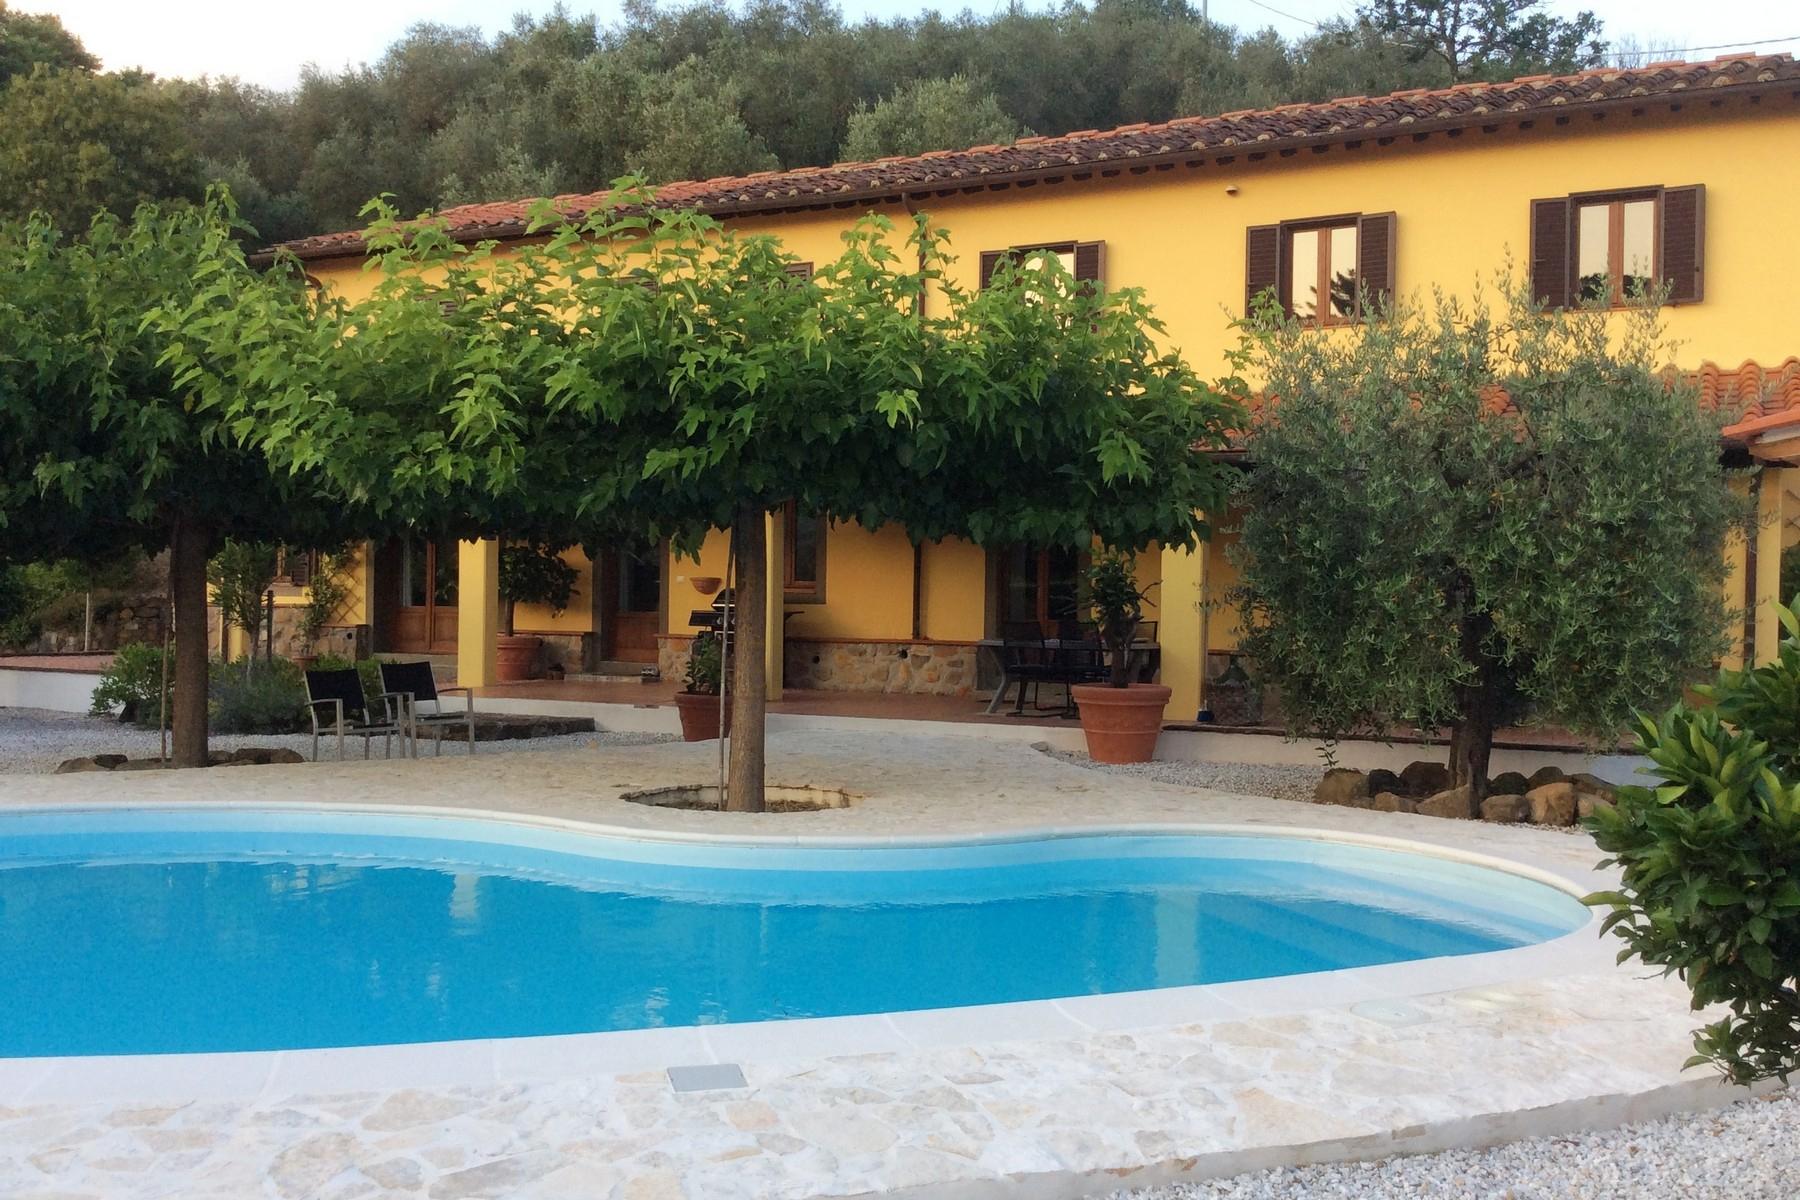 Villa in Vendita a Pescia: 5 locali, 291 mq - Foto 2